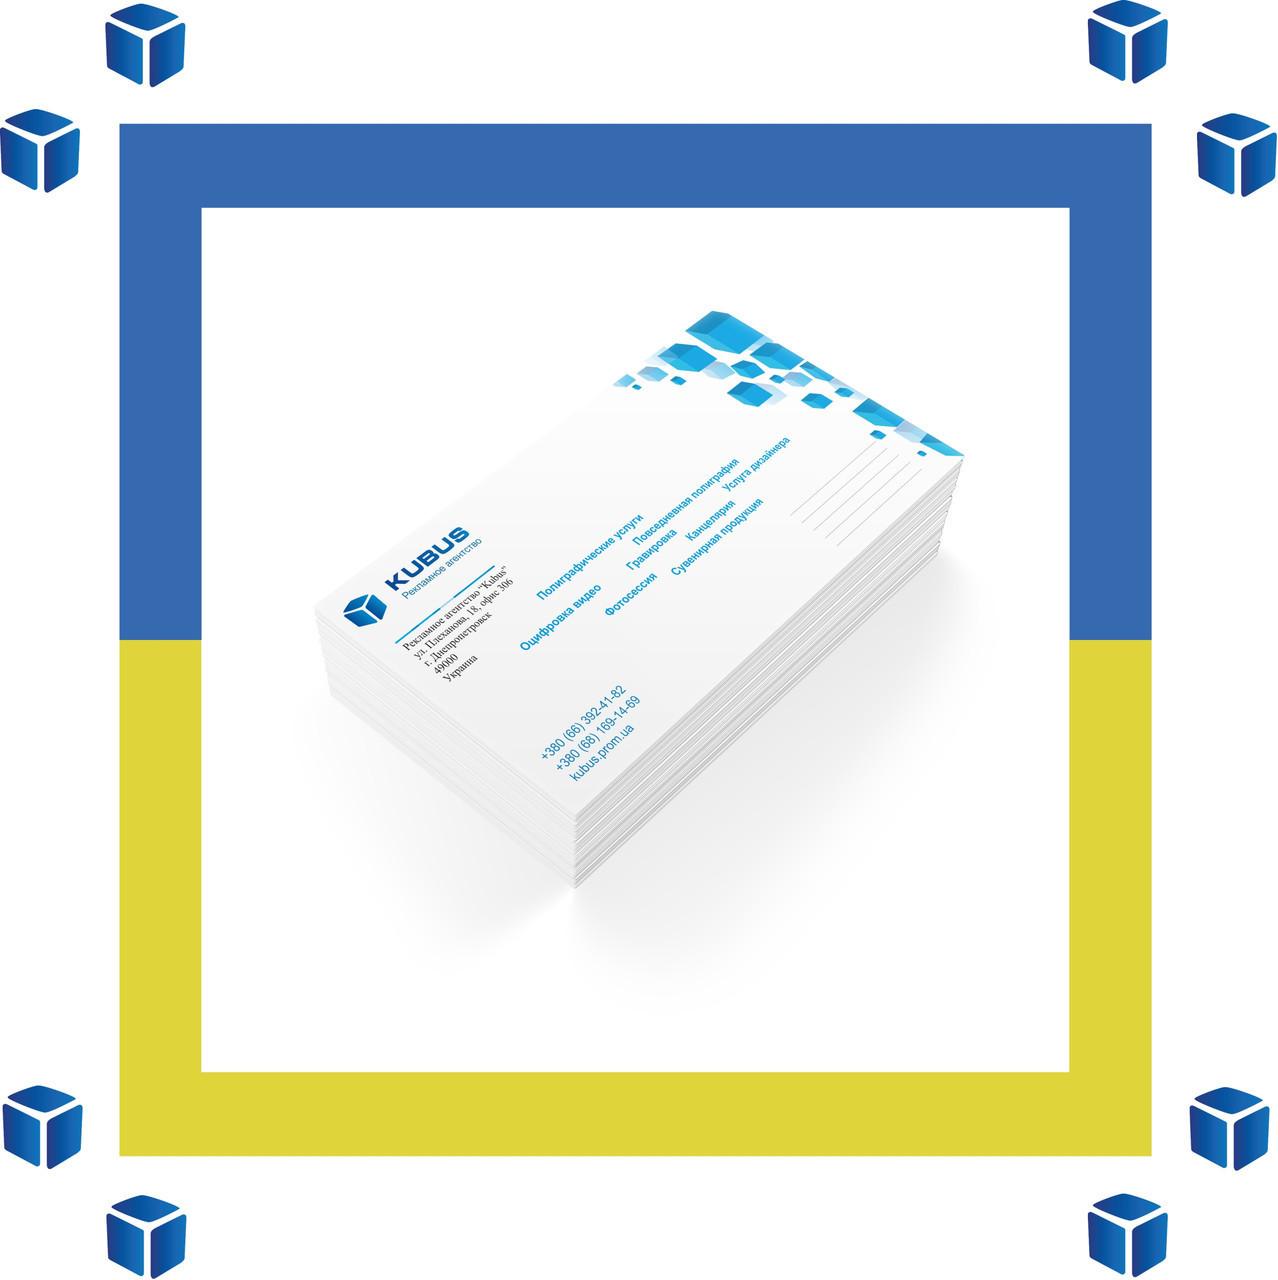 Печать на конвертах формата ТВ4 1+0 (черно-белые односторонние)